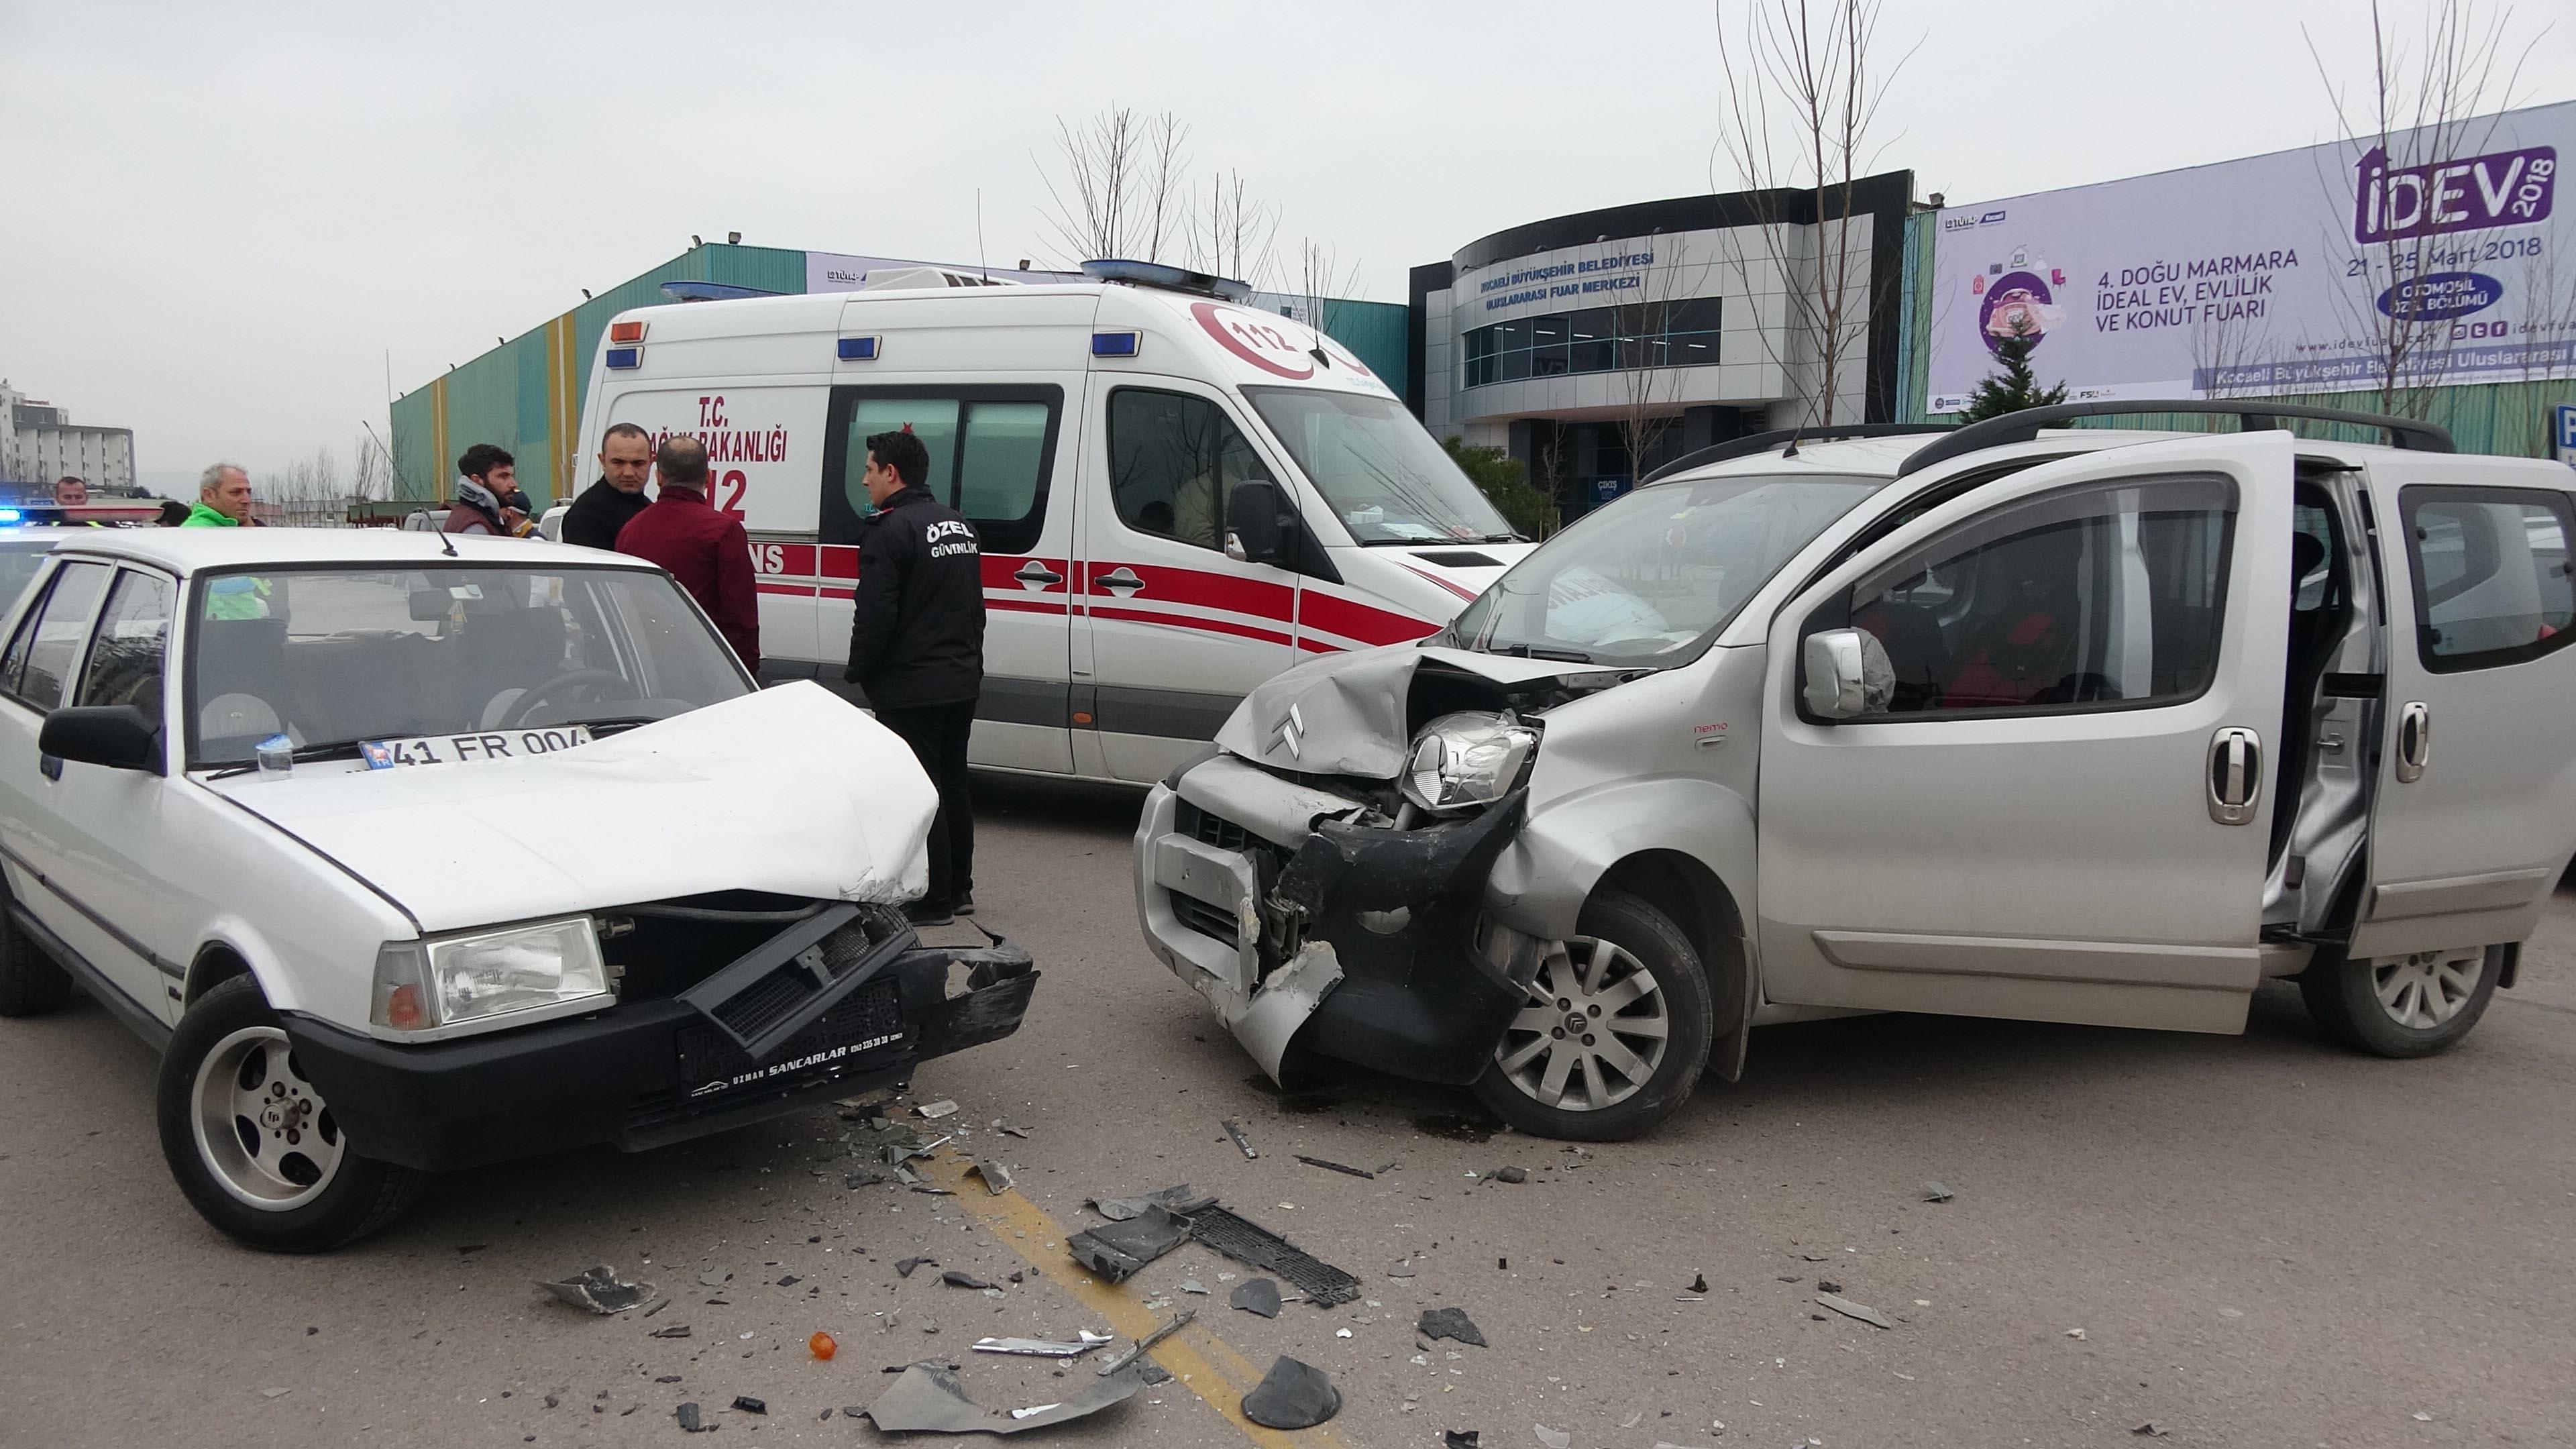 Fuar alanında kaza: 3 yaralı